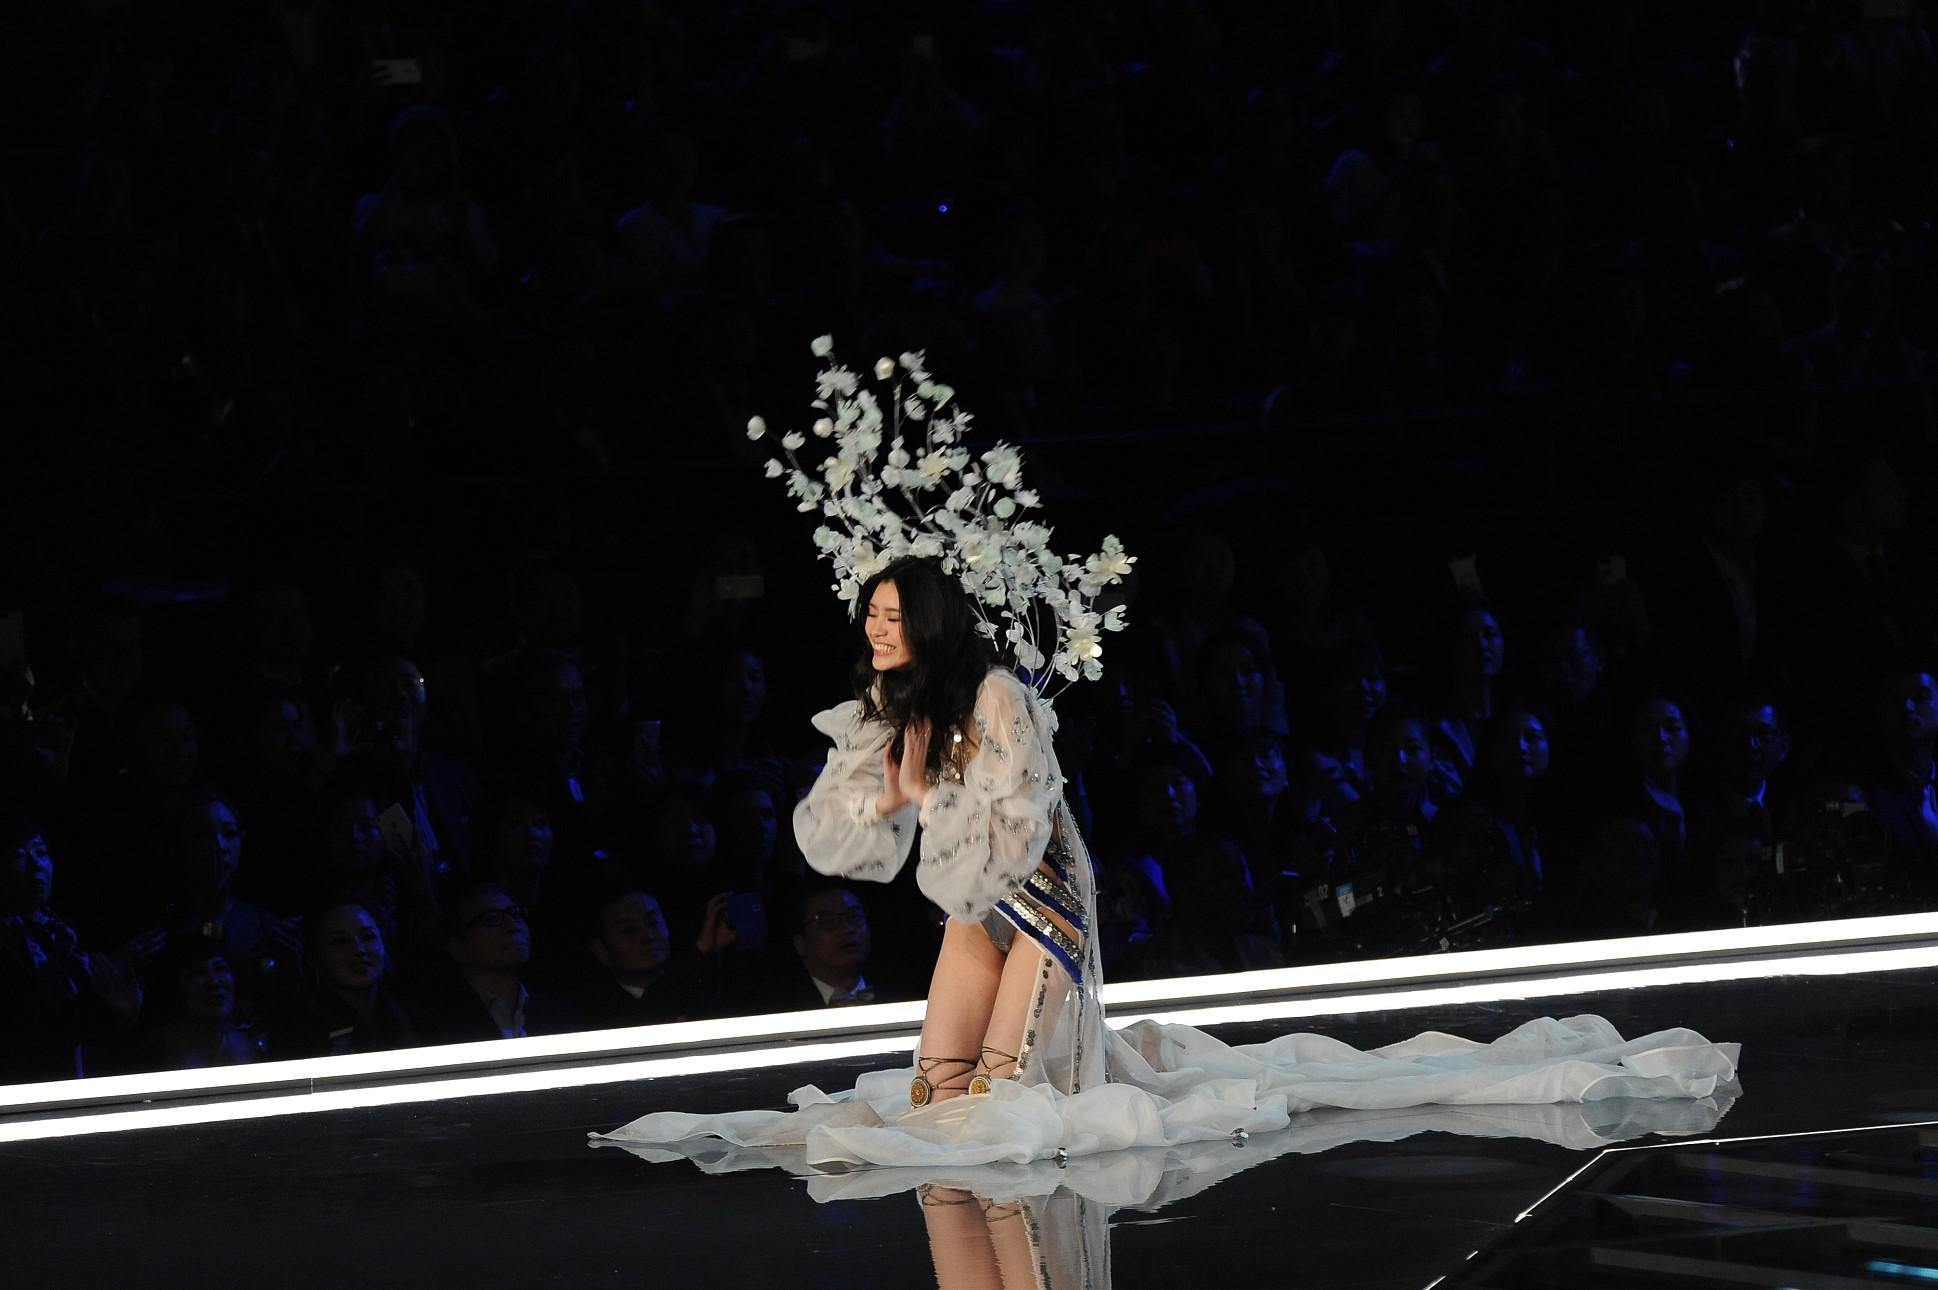 2017年11月20日,上海,维秘内衣秀。摔倒在地的奚梦瑶,让许多人第一次认识了她/视觉中国